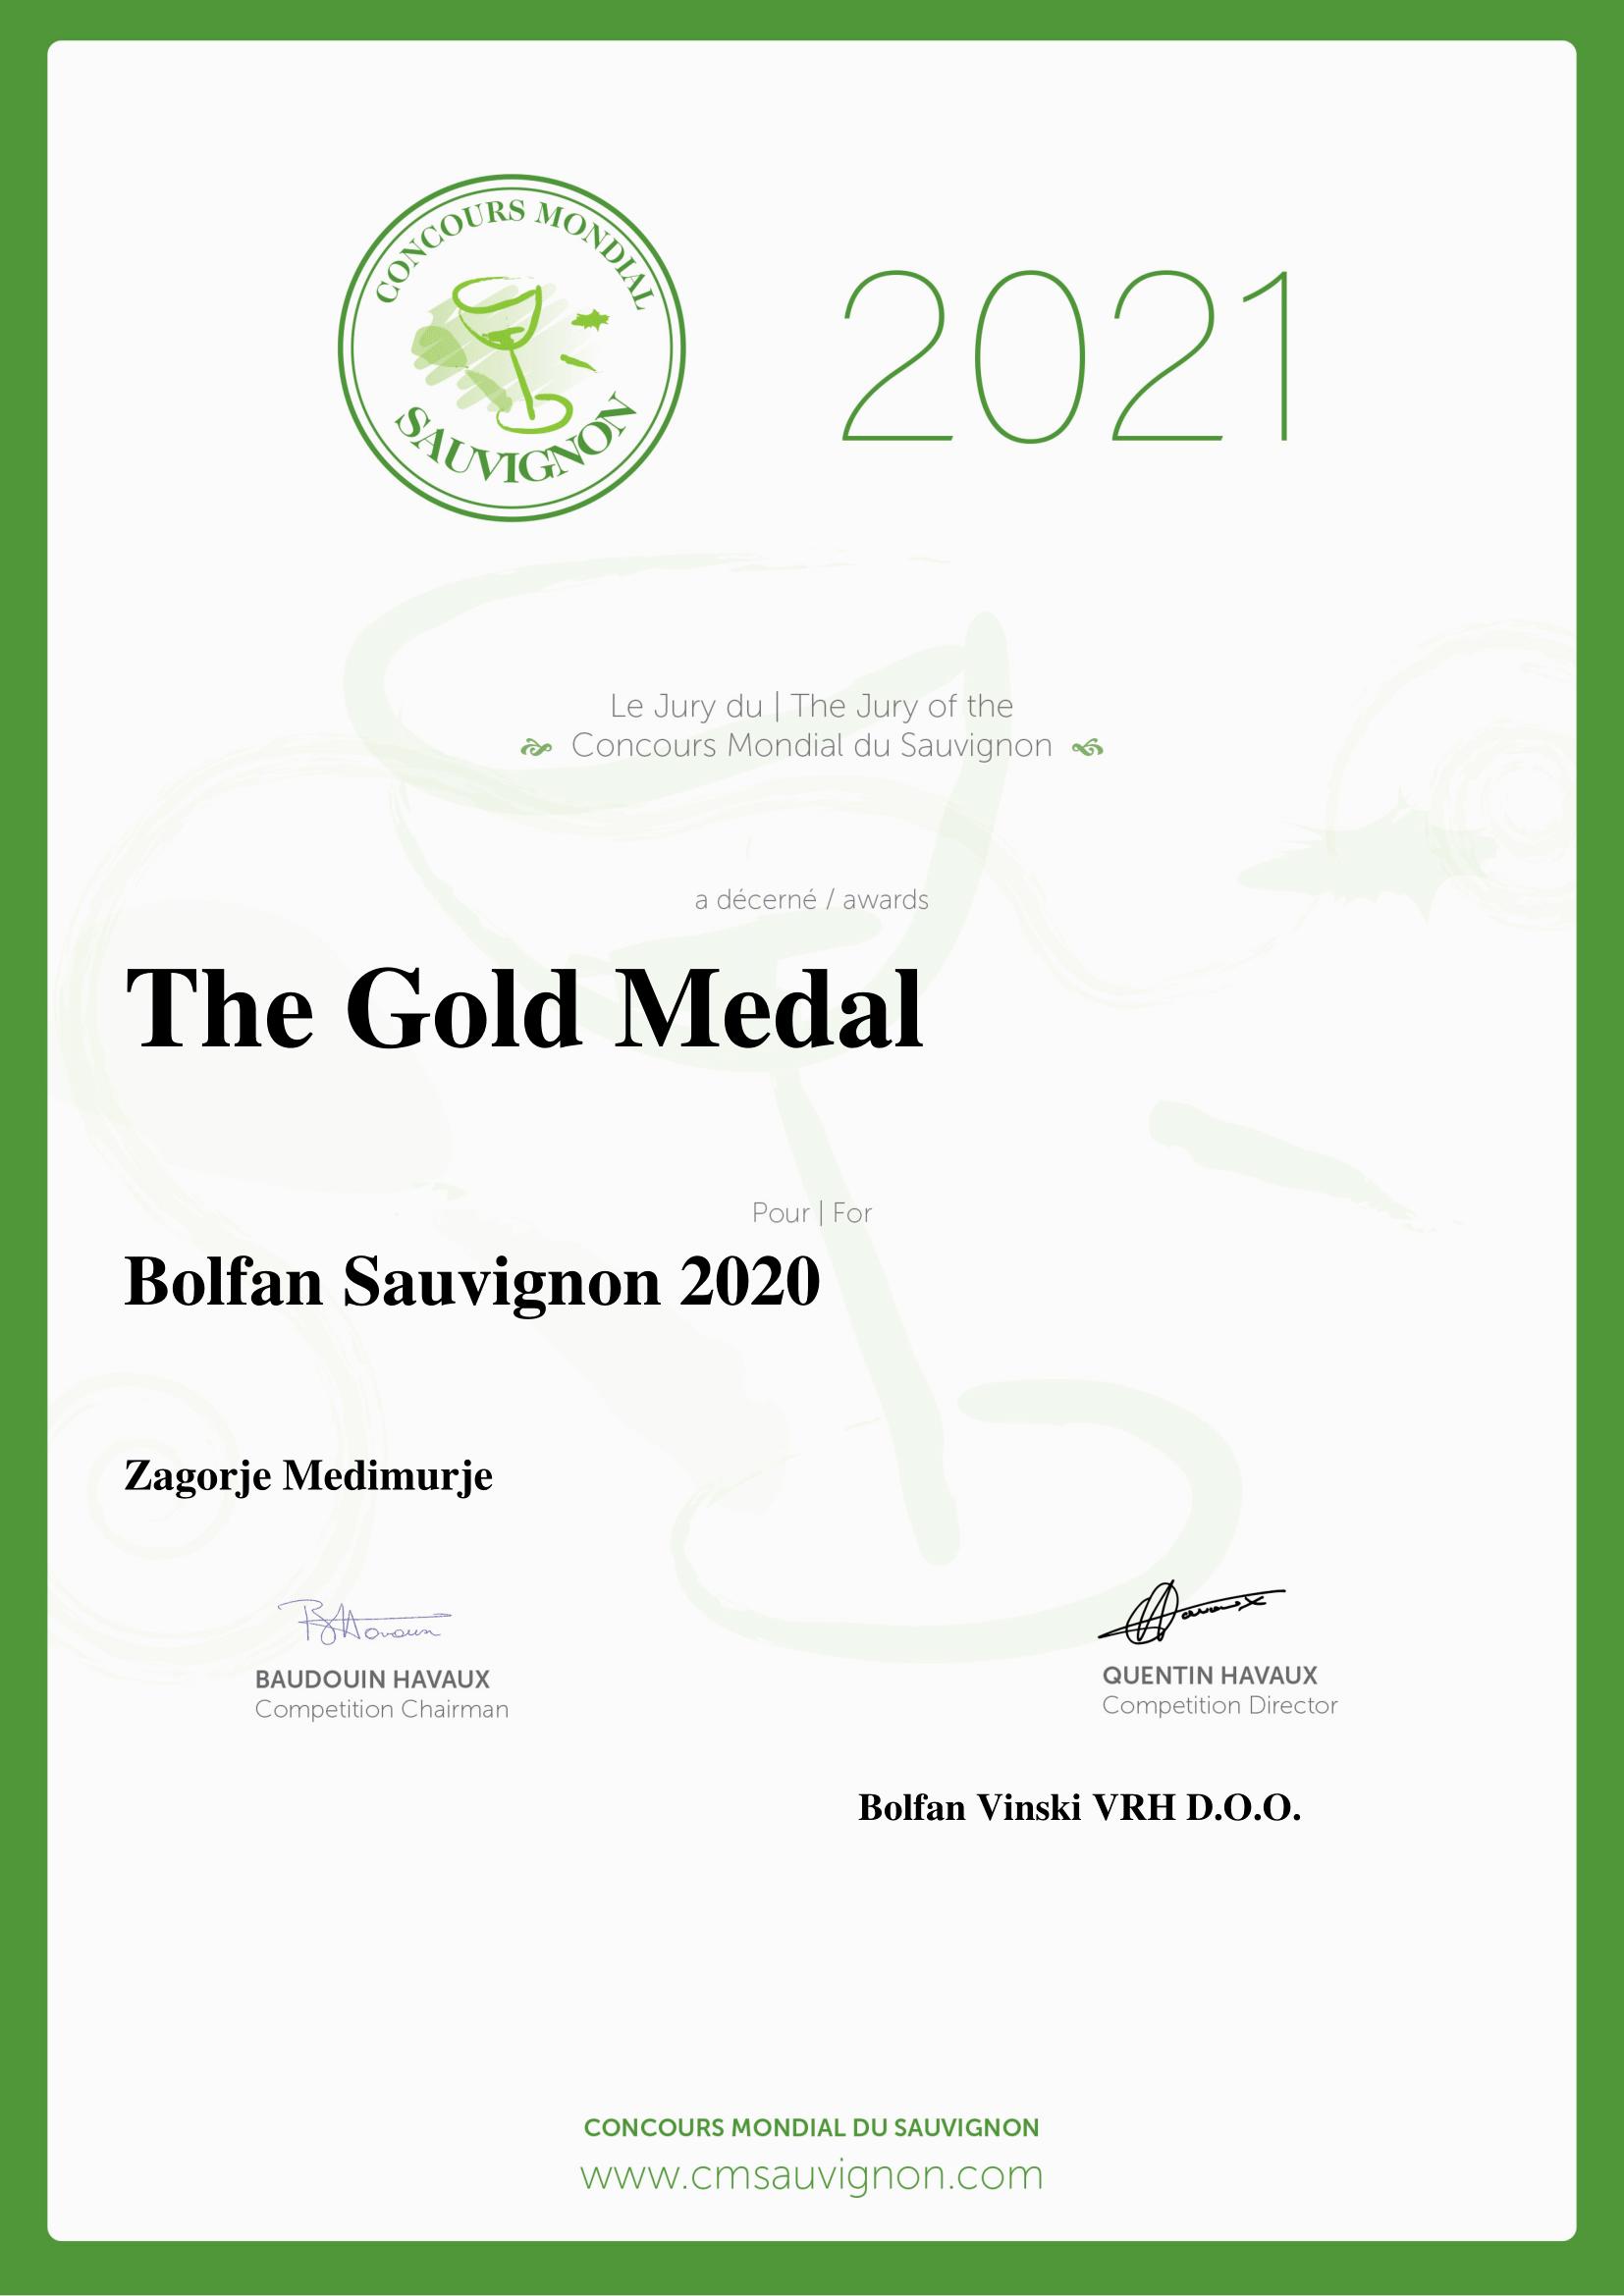 Concurs mondial du Sauvignon 2021